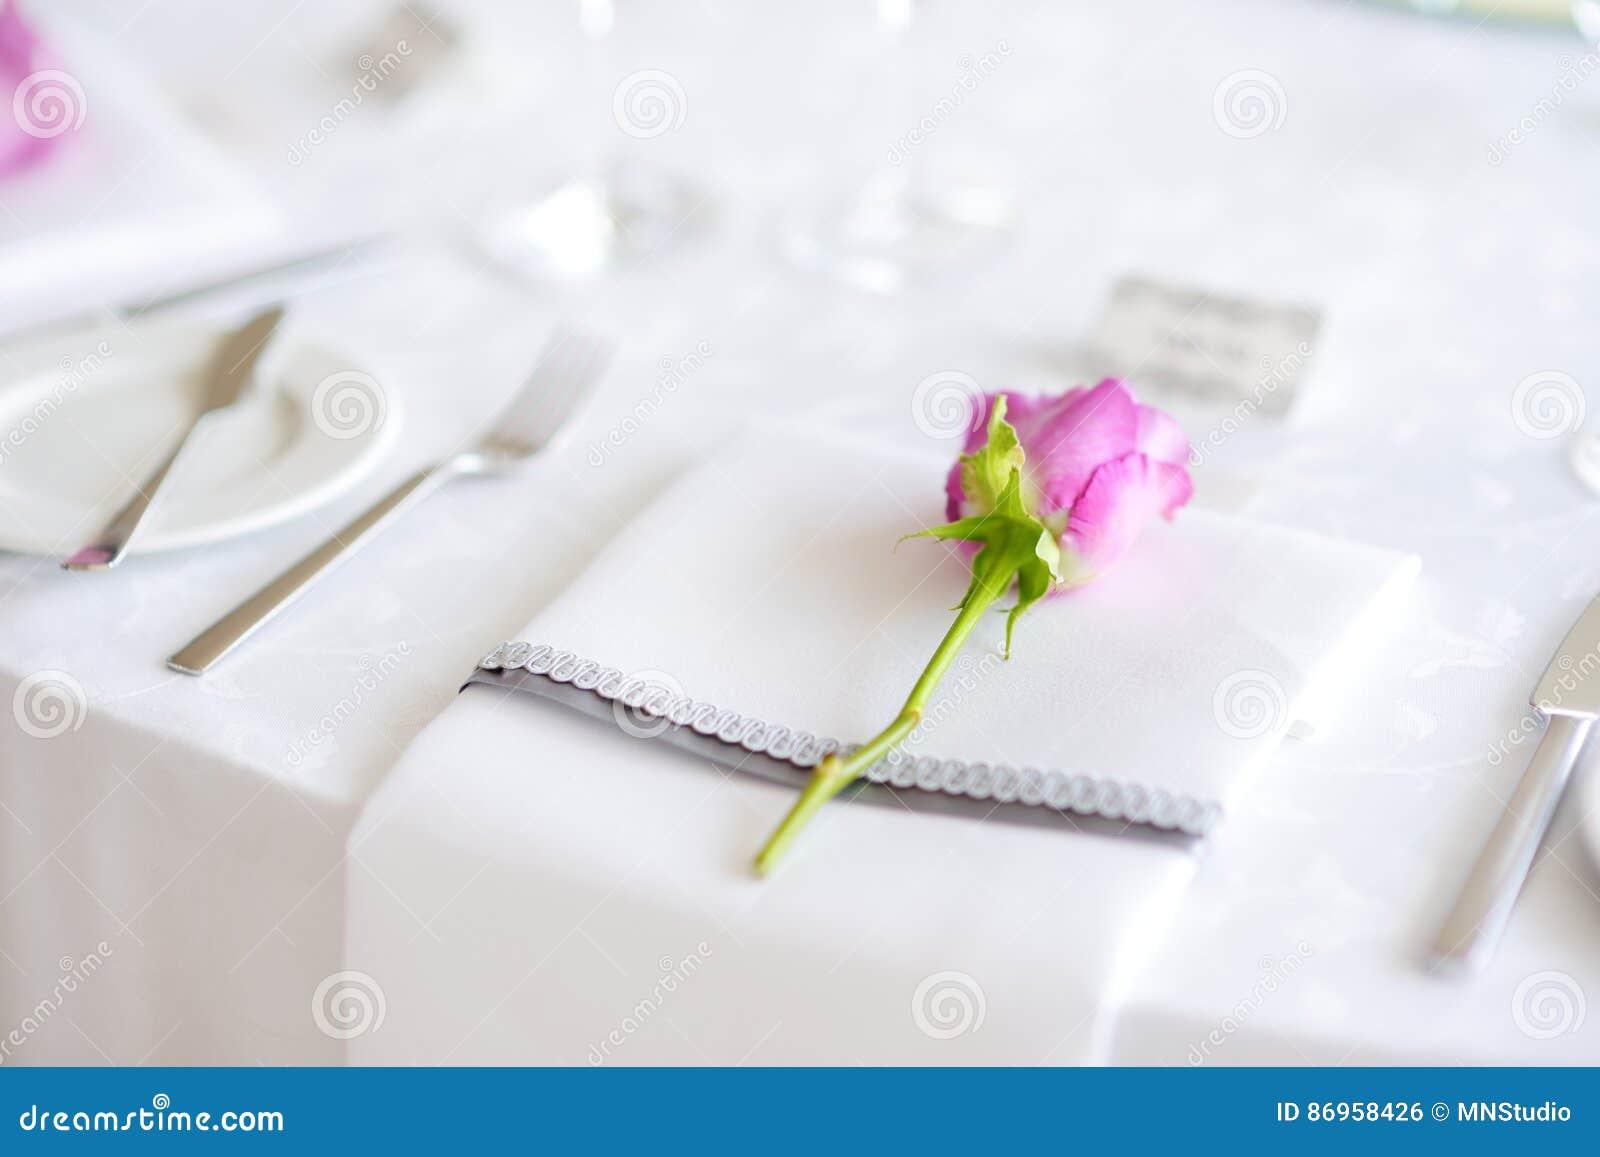 Ajuste hermoso de la tabla con loza y flores para el partido, la recepción nupcial o el otro evento festivo